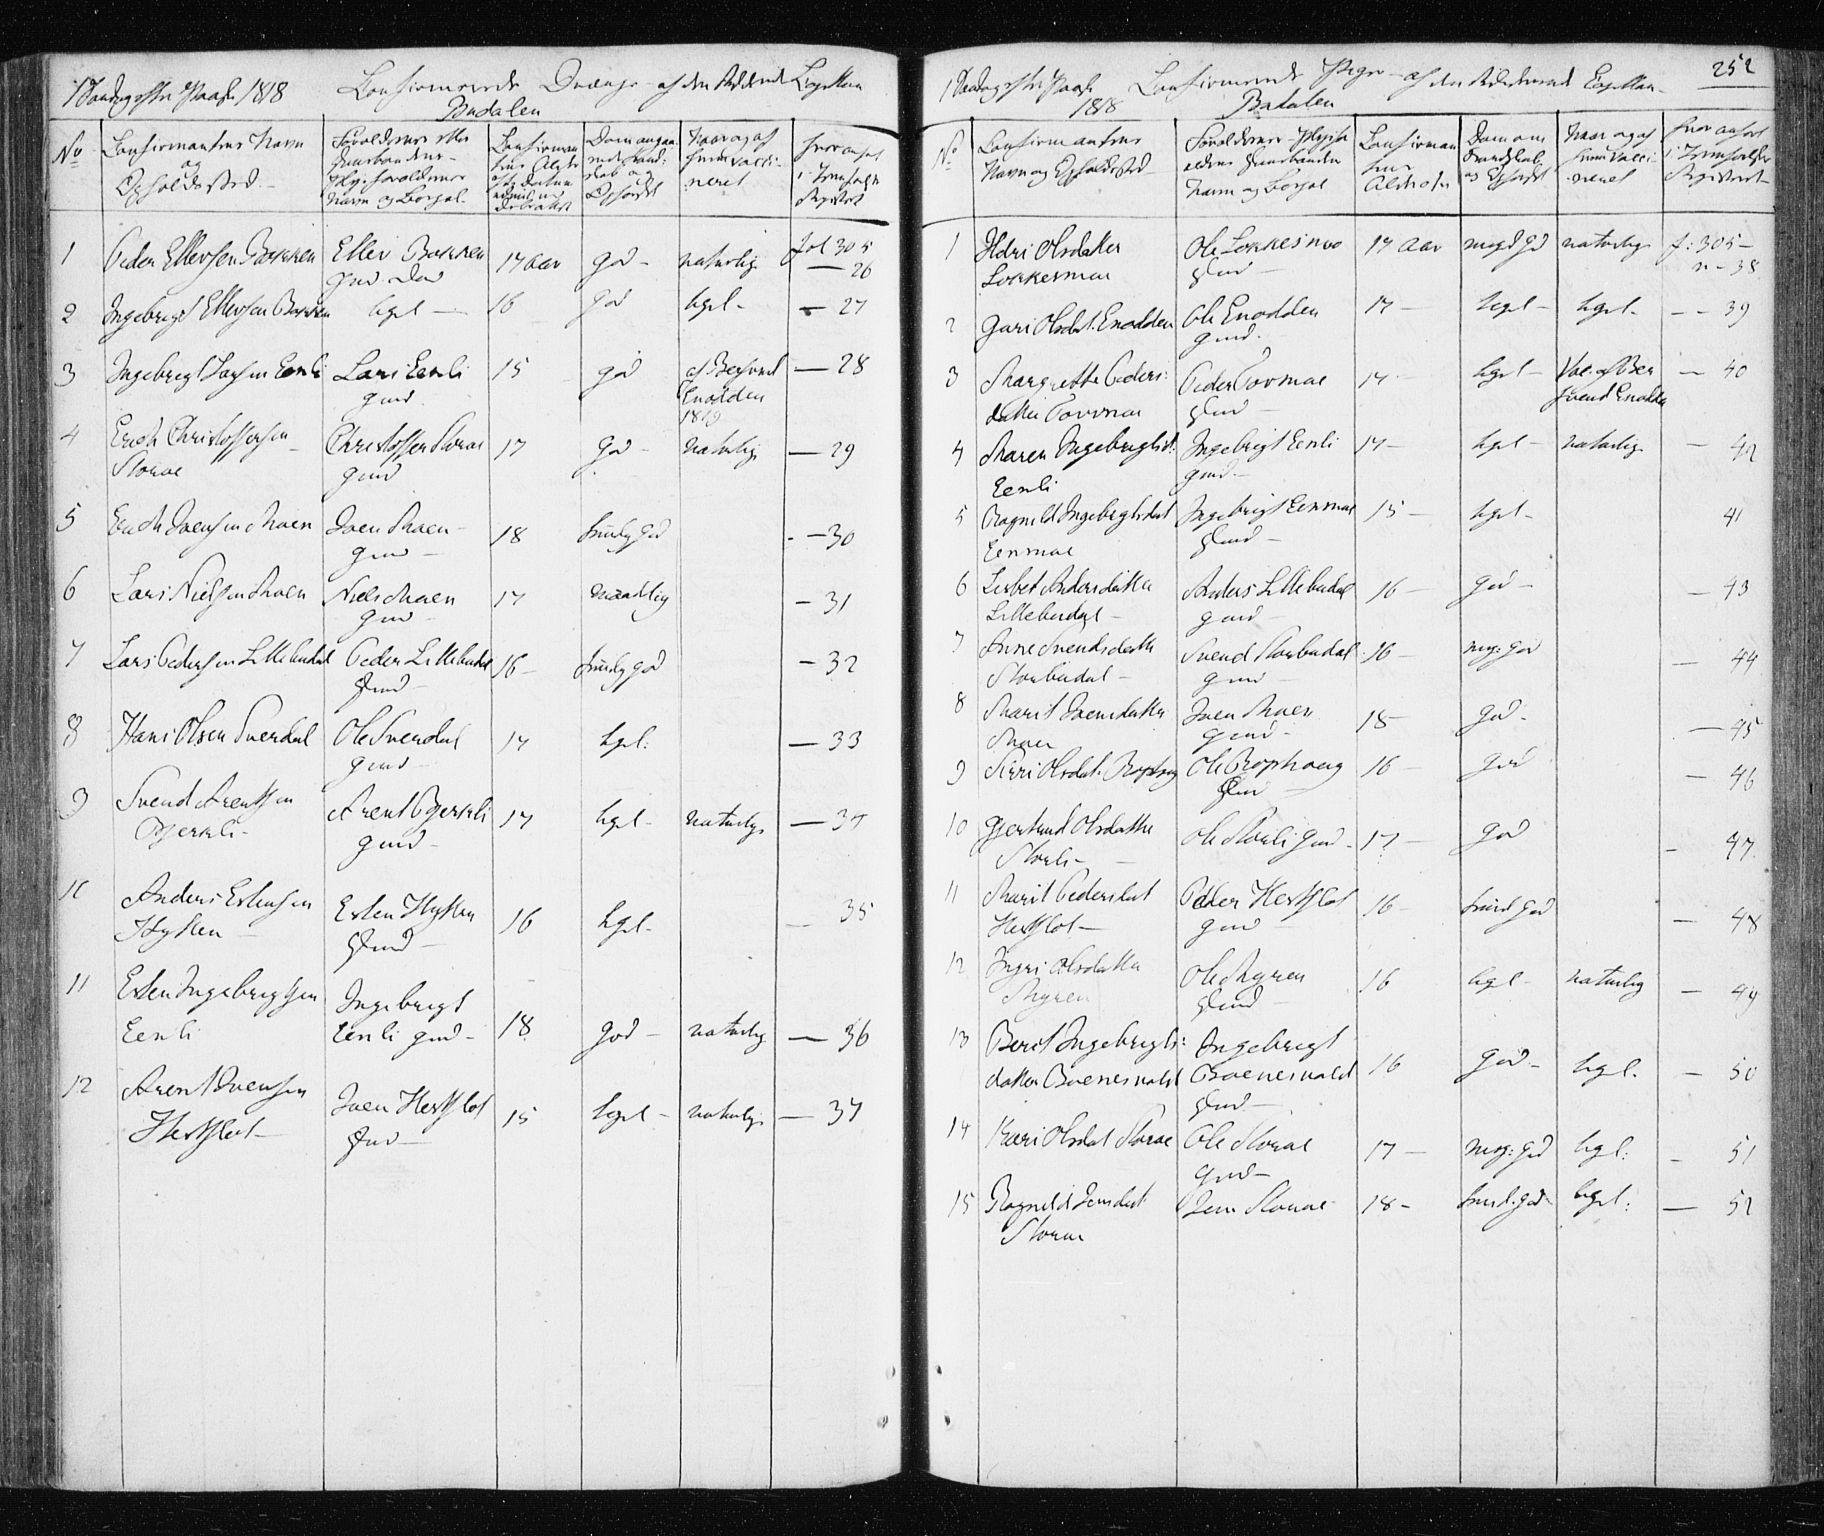 SAT, Ministerialprotokoller, klokkerbøker og fødselsregistre - Sør-Trøndelag, 687/L1017: Klokkerbok nr. 687C01, 1816-1837, s. 252